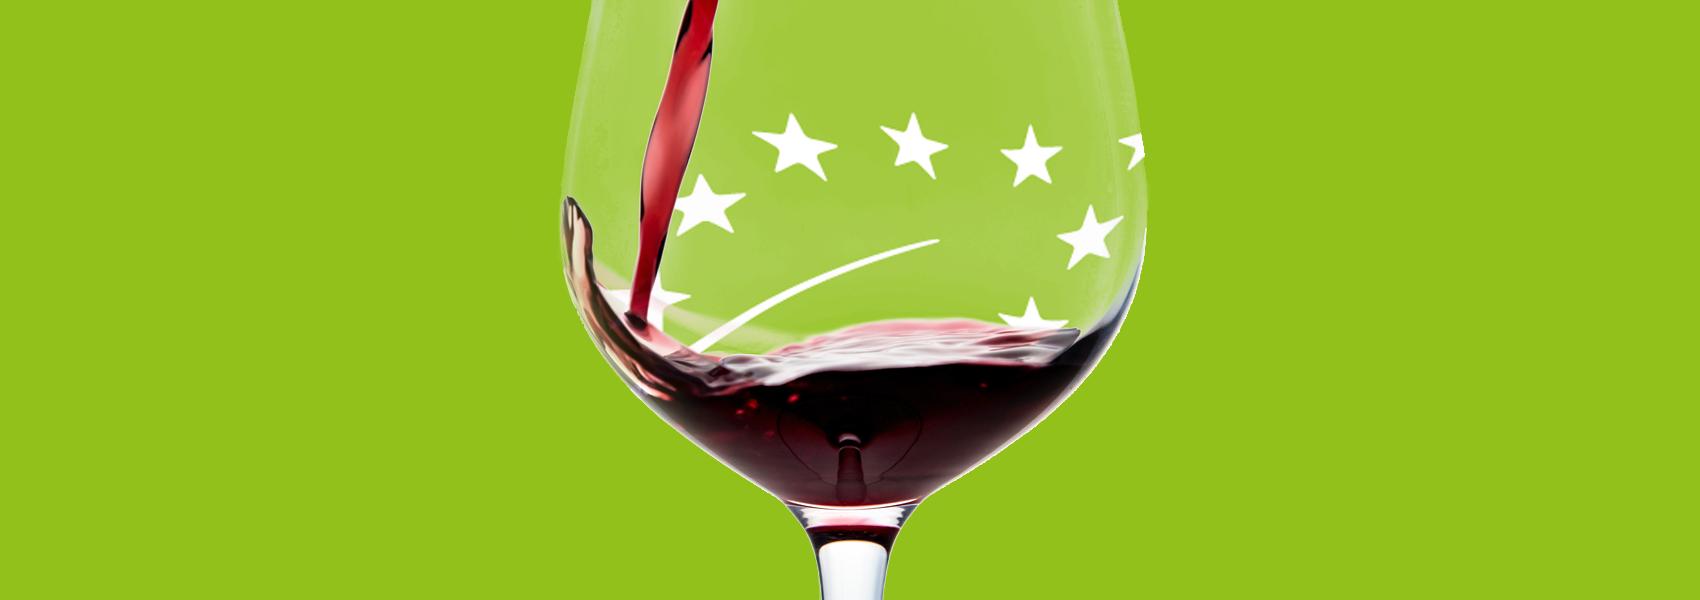 Quinto incontro per la costituzione del Biodistretto Sud Sardegna dedicato alla filiera vitivinicola Bio